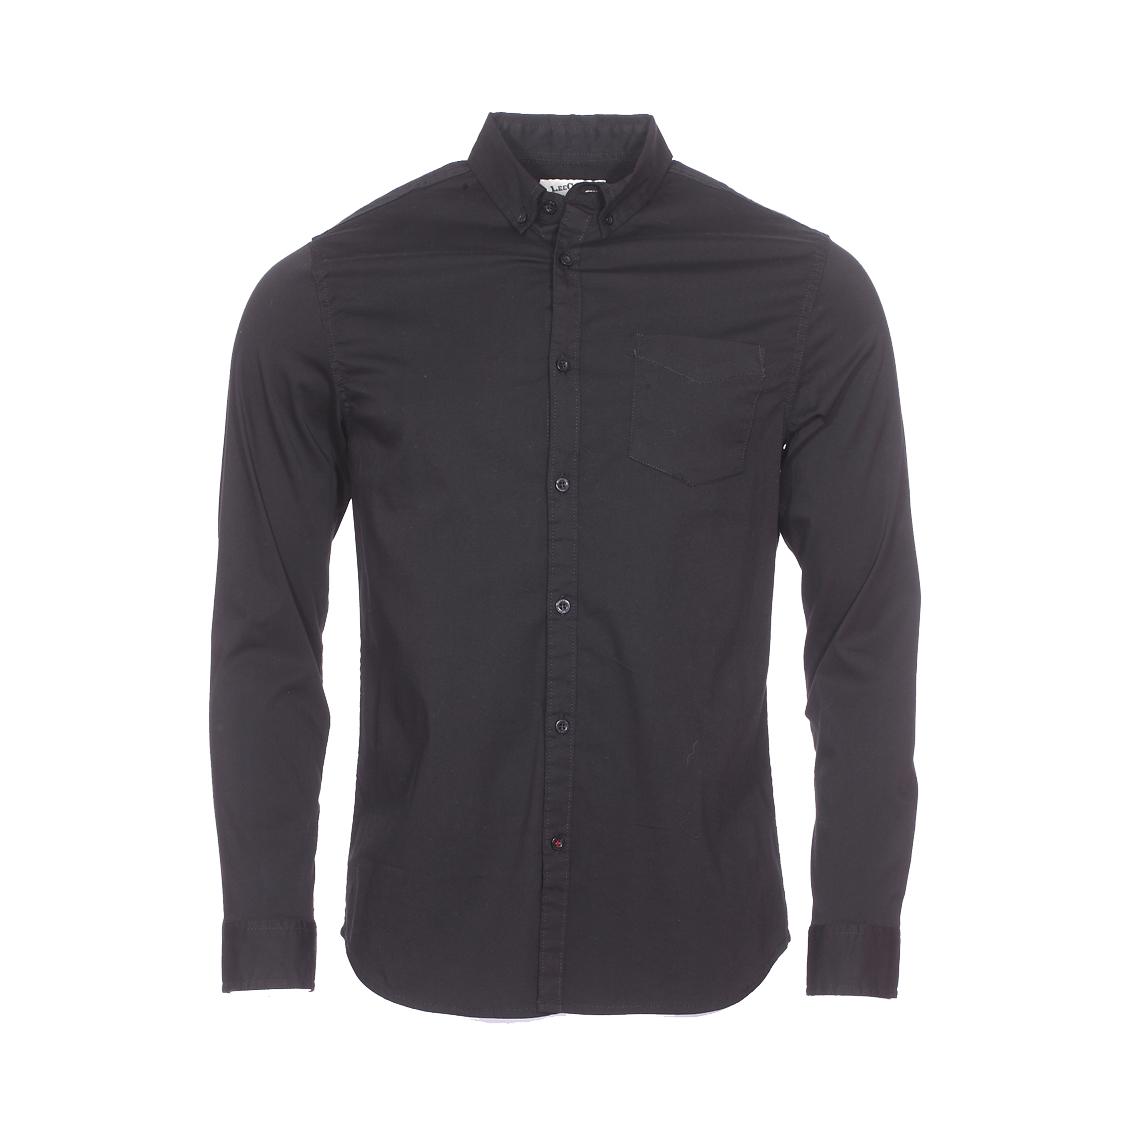 Chemise ajustée  dilon en coton stretch noir